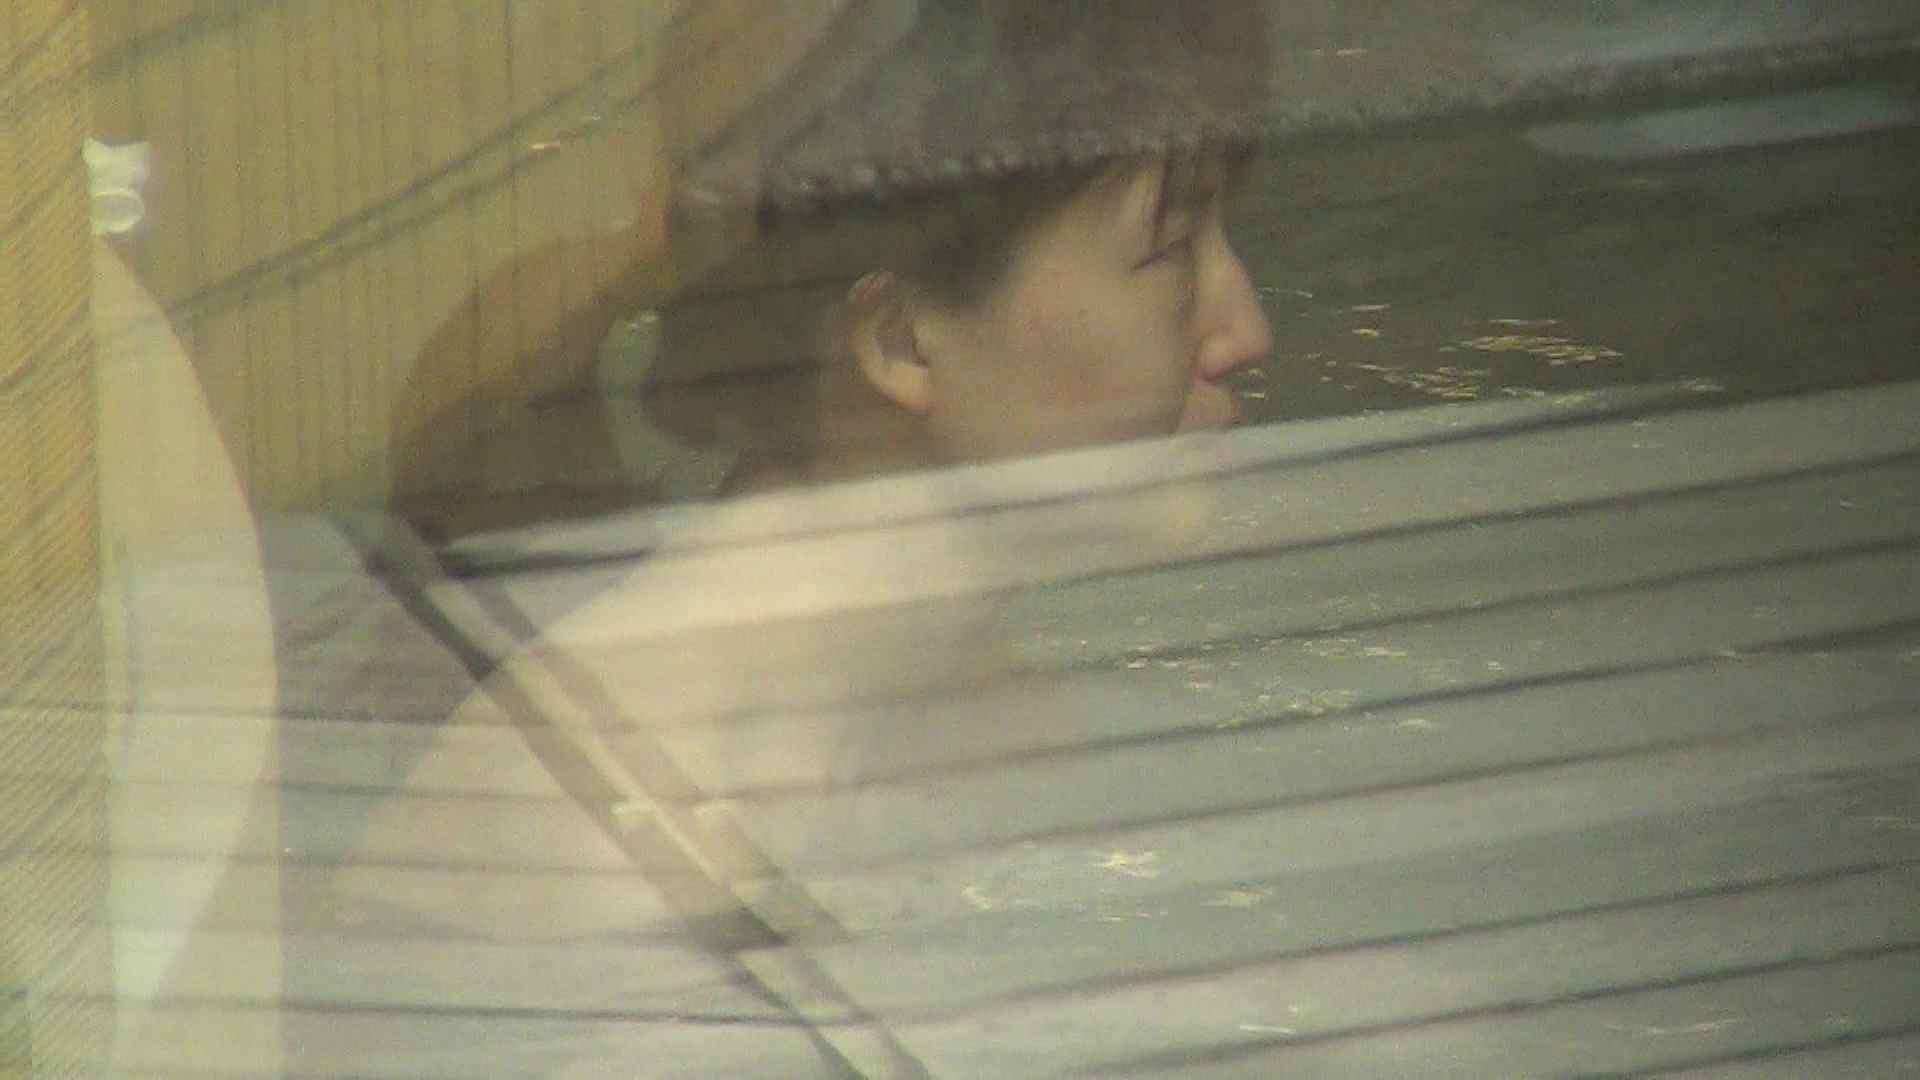 Aquaな露天風呂Vol.299 盗撮大放出  45連発 32